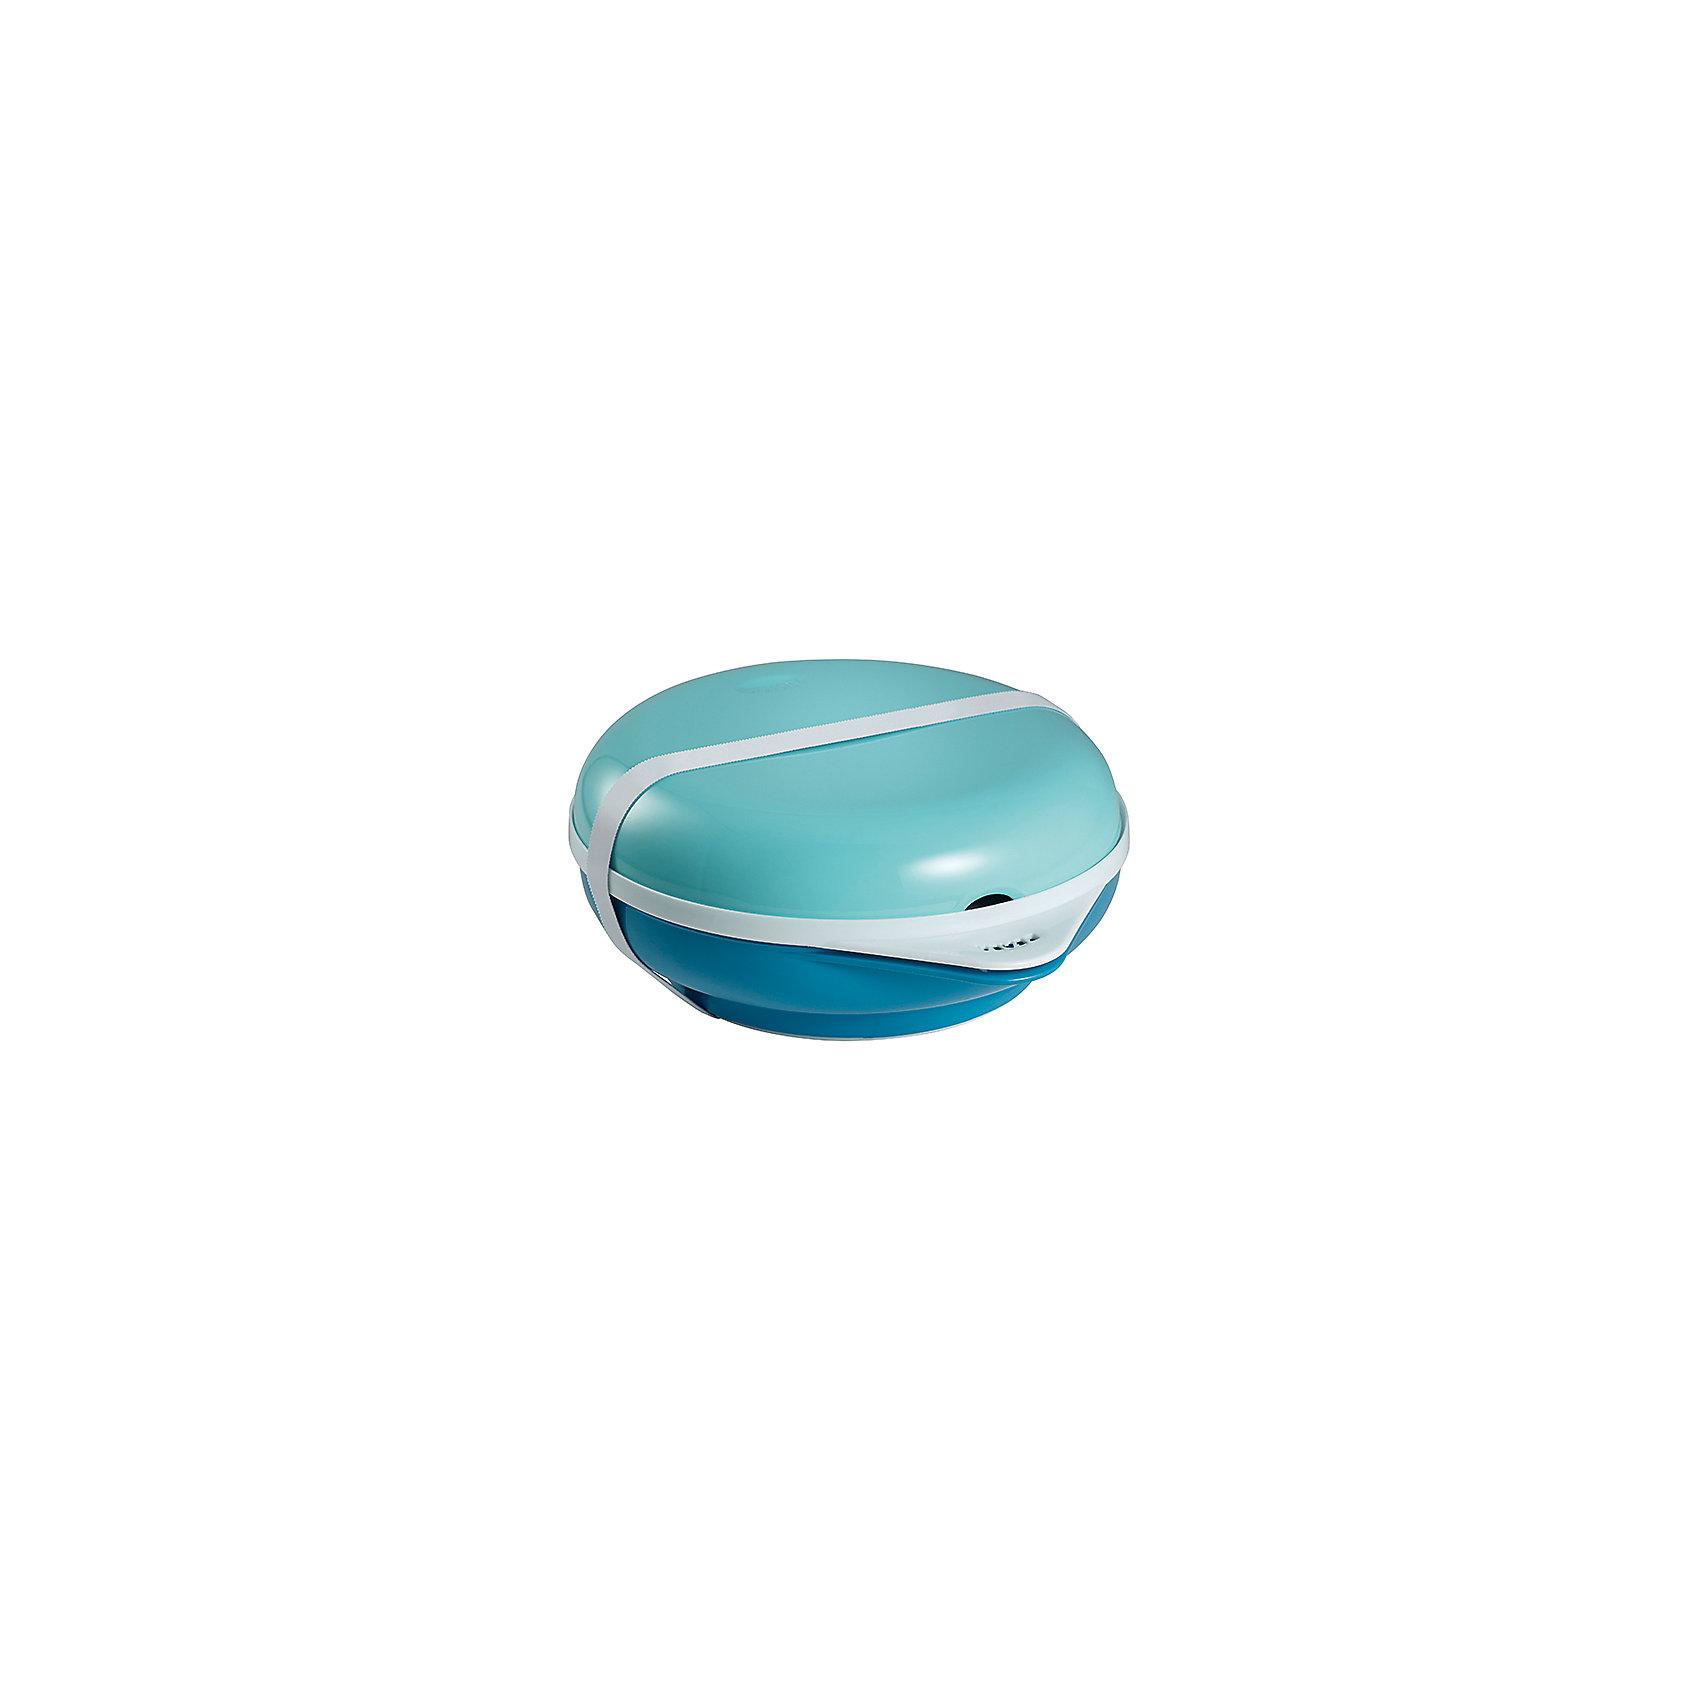 Набор посуды: тарелка+крышка, вилка+ложка  ELLIPSE, Beaba, синийНаборы посуды<br>Для обеспечения каждого малыша питанием с момента его рождения требуется специальная посуда. На помощь родителям придет разработанная профессионалами посуда. Этот набор для кормления позволит даже в дороге покормить малыша с удобством. В комплекте: ланч-бокс с отдельным подогревающим элементом, удобная тарелка с высокими краями и с противоскользящей резиновой подставкой, резинка для закрывания, крышка с креплениями, вилка, ложка.<br>Можно подогреть специальный вкладыш из донышка тарелки в микроволновке всего полминуты или две минуты на водяной бане - и можно легко поддерживать нужную температуру еды. Герметичная крышка защищает от разбрызгивания при подогреве в микроволновой печи и имеет крепления для приборов. Можно мыть вручную и в посудомоечной машине. Сделана посуда из высококачественных и безопасных для малышей материалов.<br><br>Дополнительная информация:<br><br>цвет: синий;<br>материал: пластик;<br>комплектация: ланч-бокс с подогревающим элементом, тарелка, резинка для закрывания, крышка с креплениями, вилка, ложка.<br><br>Набор посуды: тарелка+крышка, вилка+ложка ELLIPSE, синий, от компании Beaba можно купить в нашем магазине.<br><br>Ширина мм: 190<br>Глубина мм: 80<br>Высота мм: 220<br>Вес г: 600<br>Возраст от месяцев: 6<br>Возраст до месяцев: 36<br>Пол: Унисекс<br>Возраст: Детский<br>SKU: 4732005